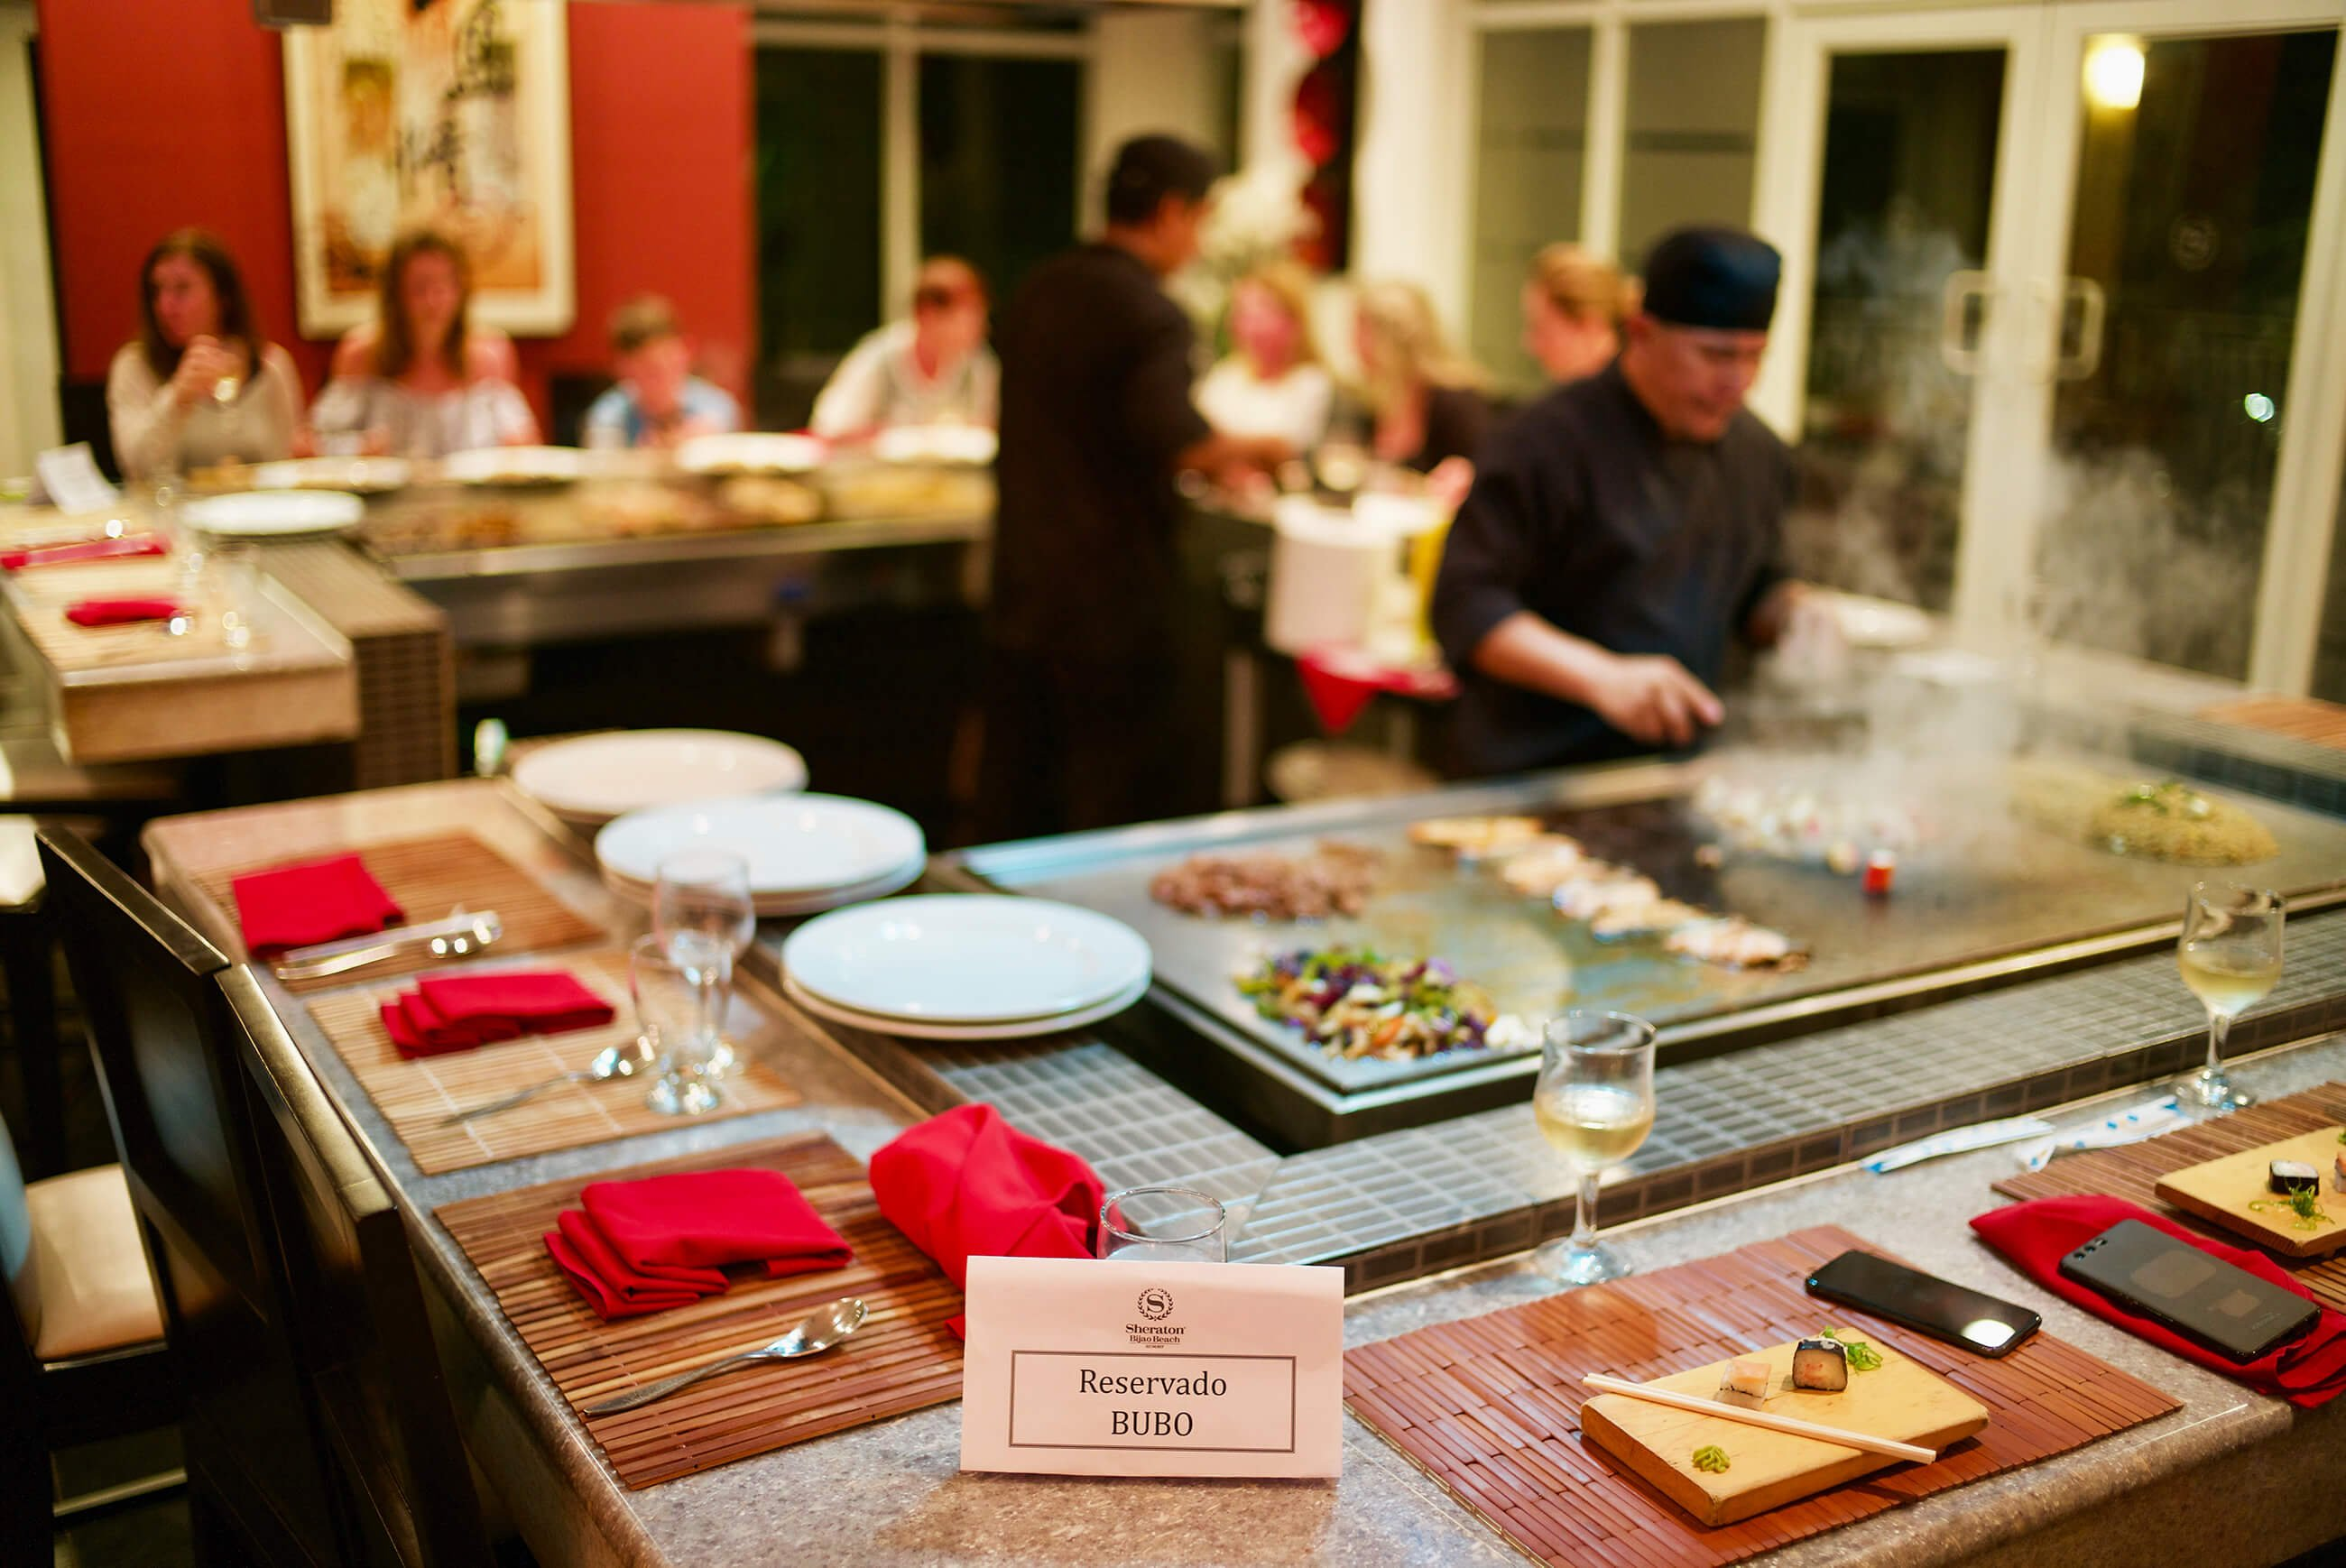 https://bubo.sk/uploads/galleries/7416/restaurant.jpg